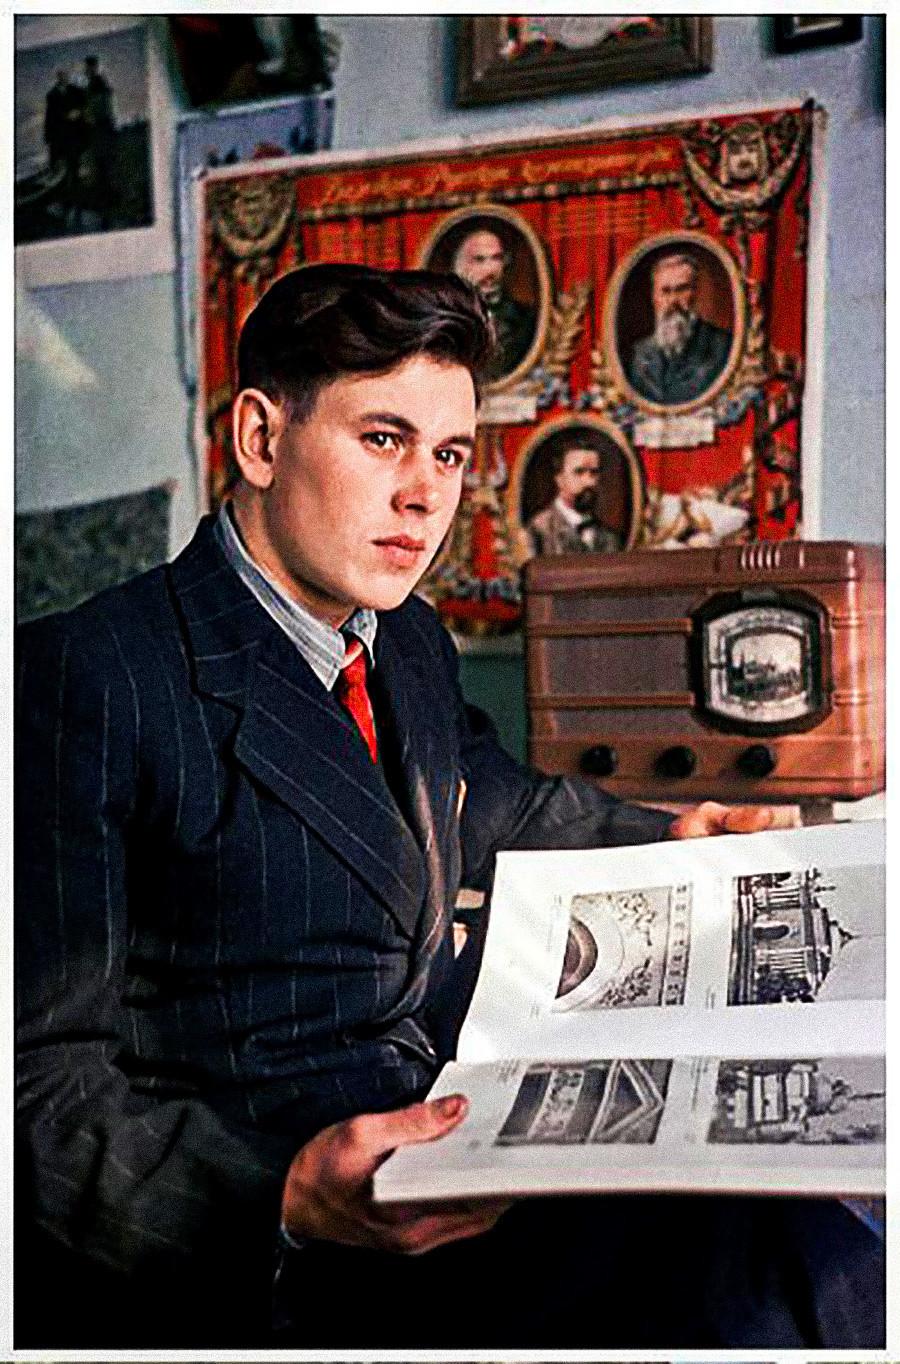 ヴォルガ=ドン運河の若き建設者、1953年